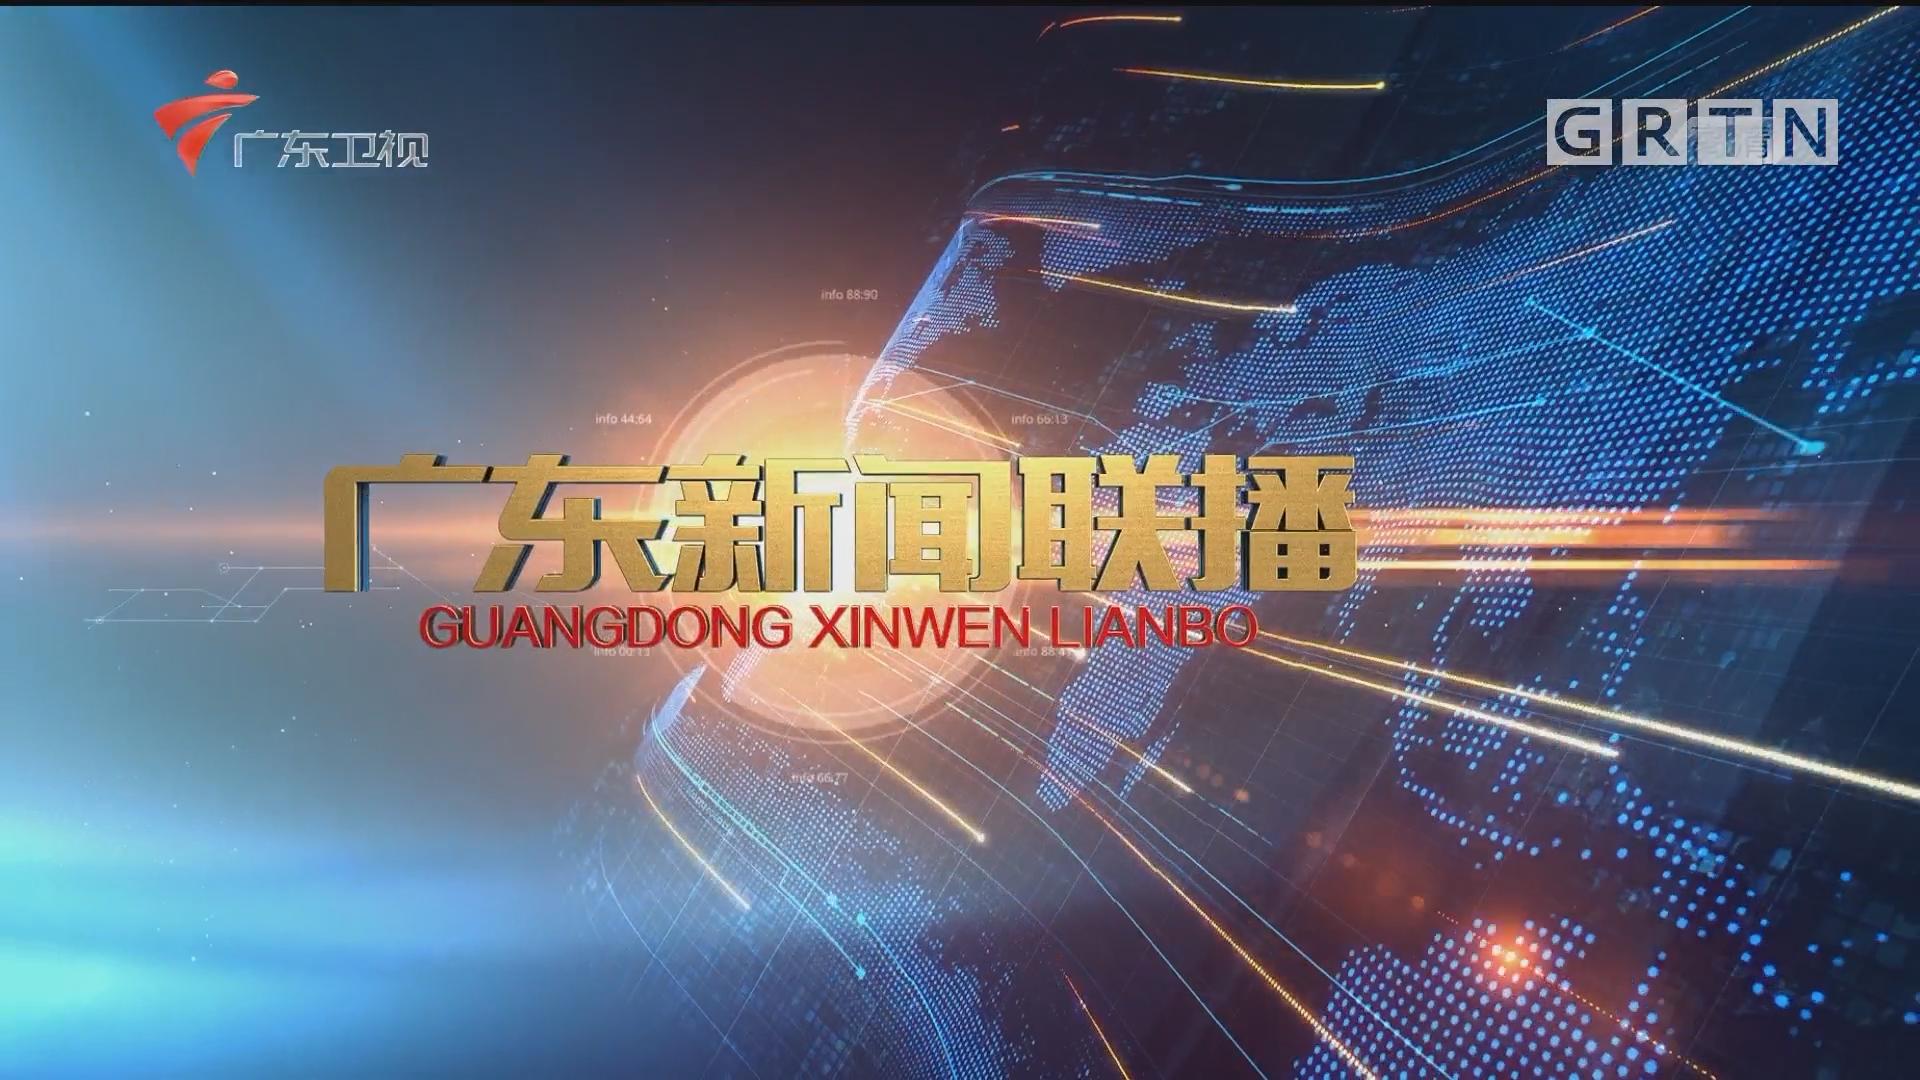 [HD][2018-02-01]广东新闻联播:广东省监察委员会正式成立 李希出席成立大会